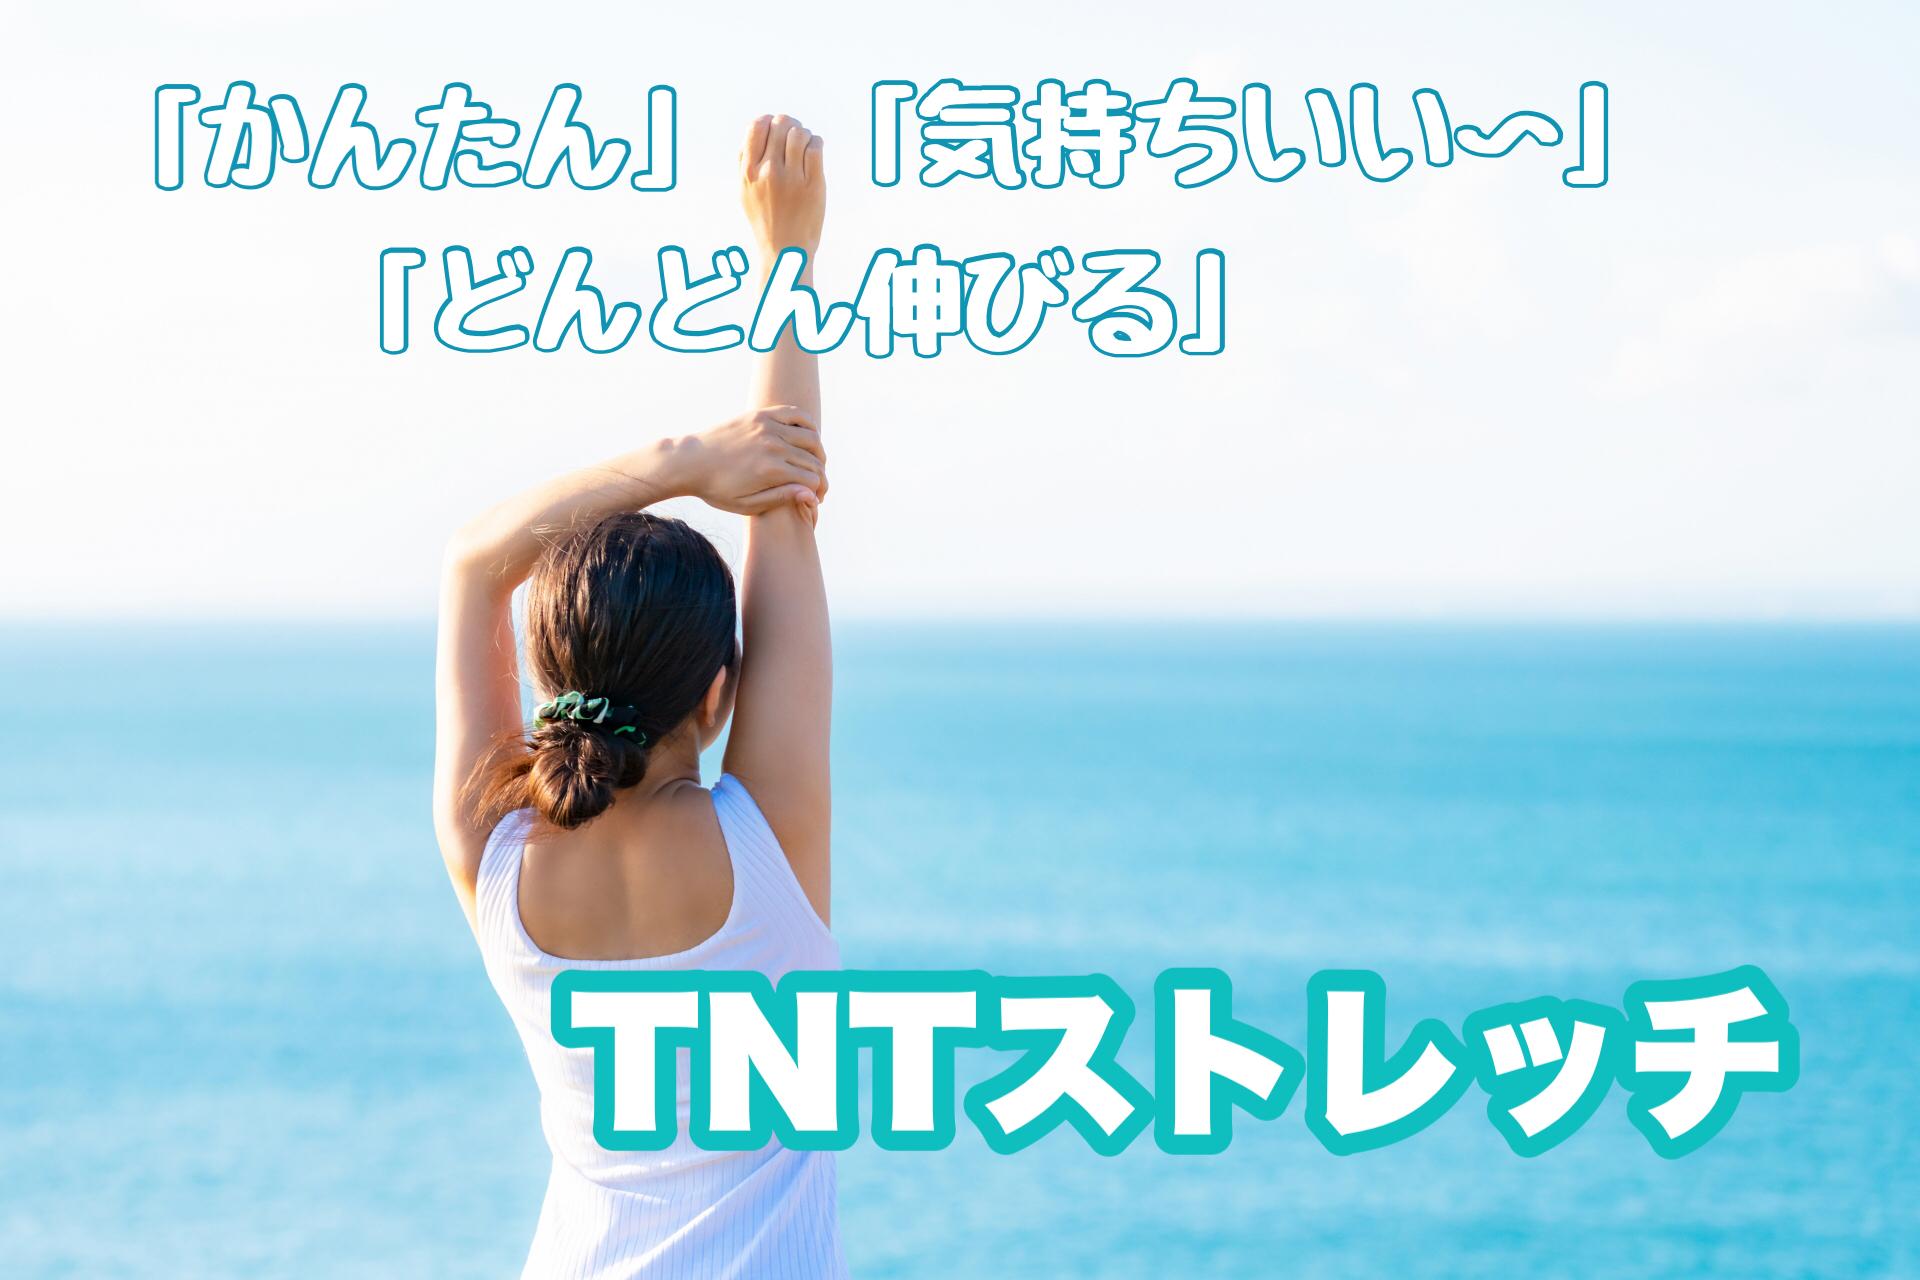 【超太っ腹特典付き!】TNTストレッチ動画レッスン